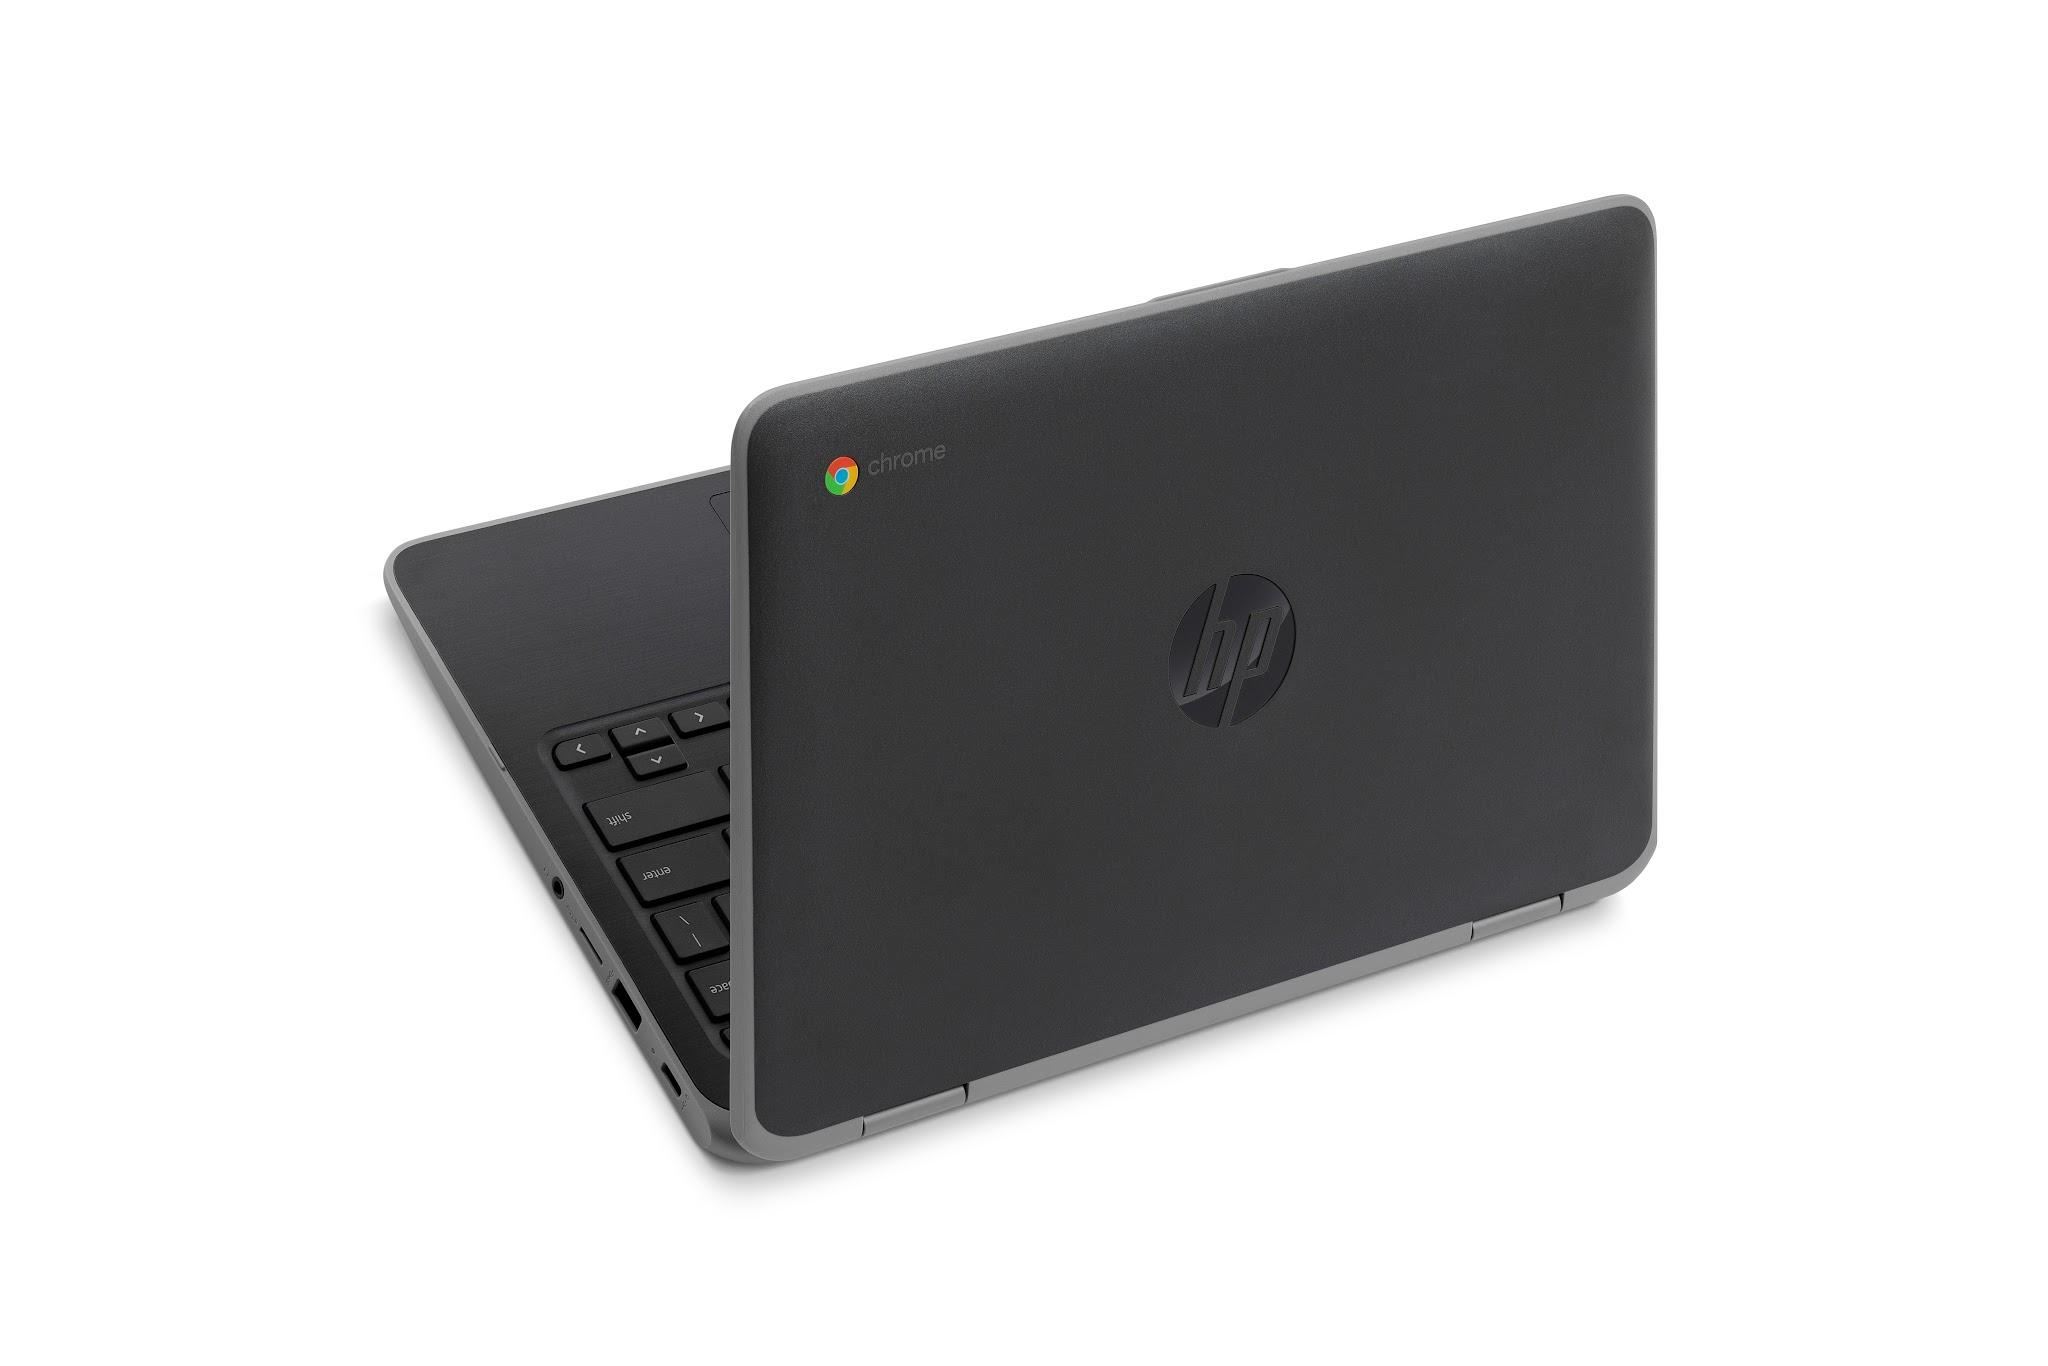 HP Chromebook x360 11 G2 EE - photo 13